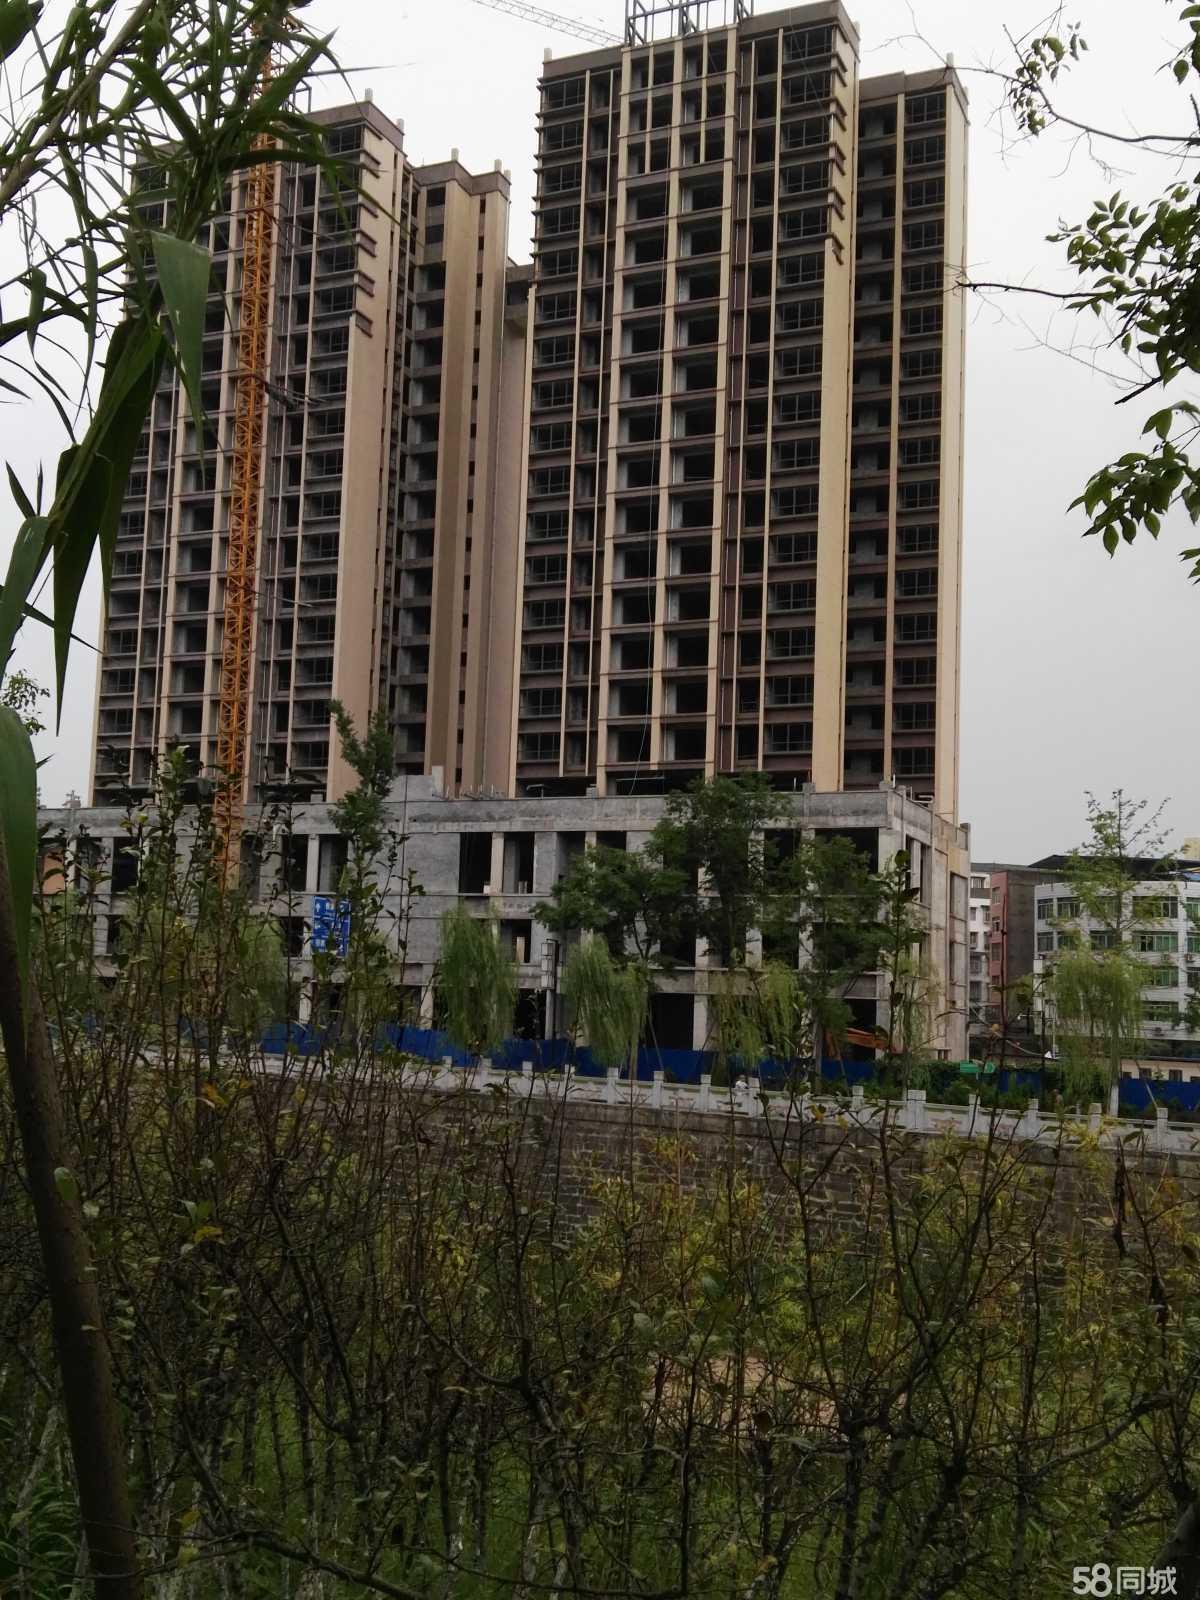 蓬溪蓬溪万和国际 3室2厅2卫 118.83平米